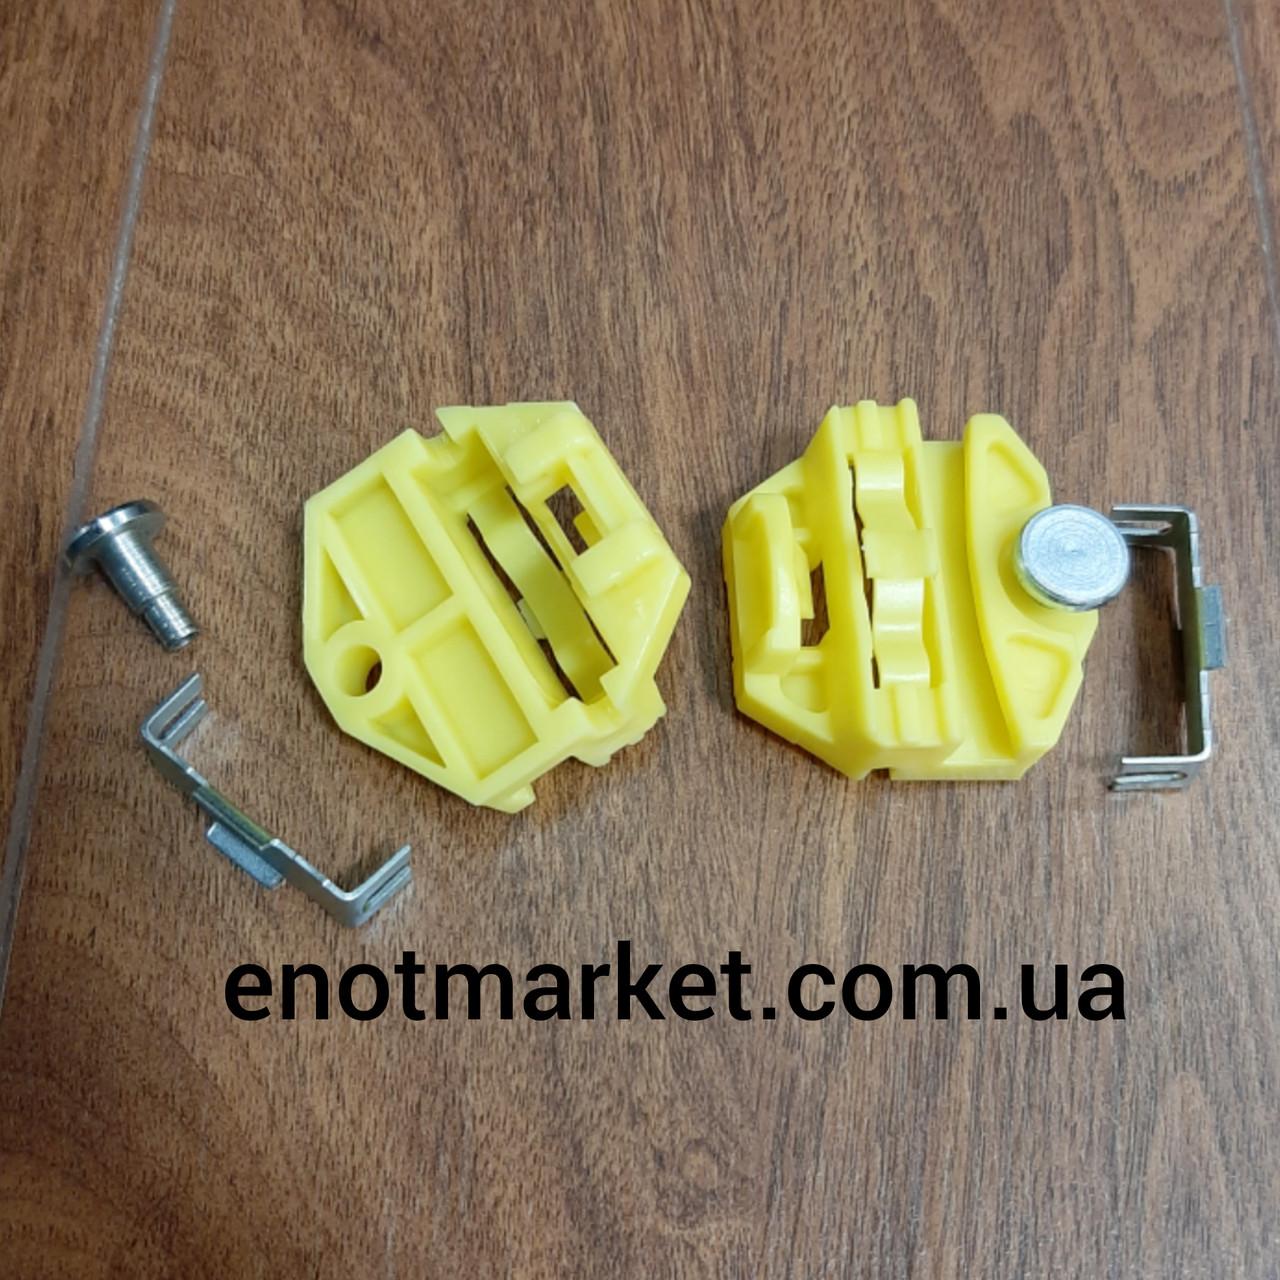 Механізм склопідіймача фіксатор скріпка задня права / ліва двері Mercedes-Benz, Opel (Rear R / L).